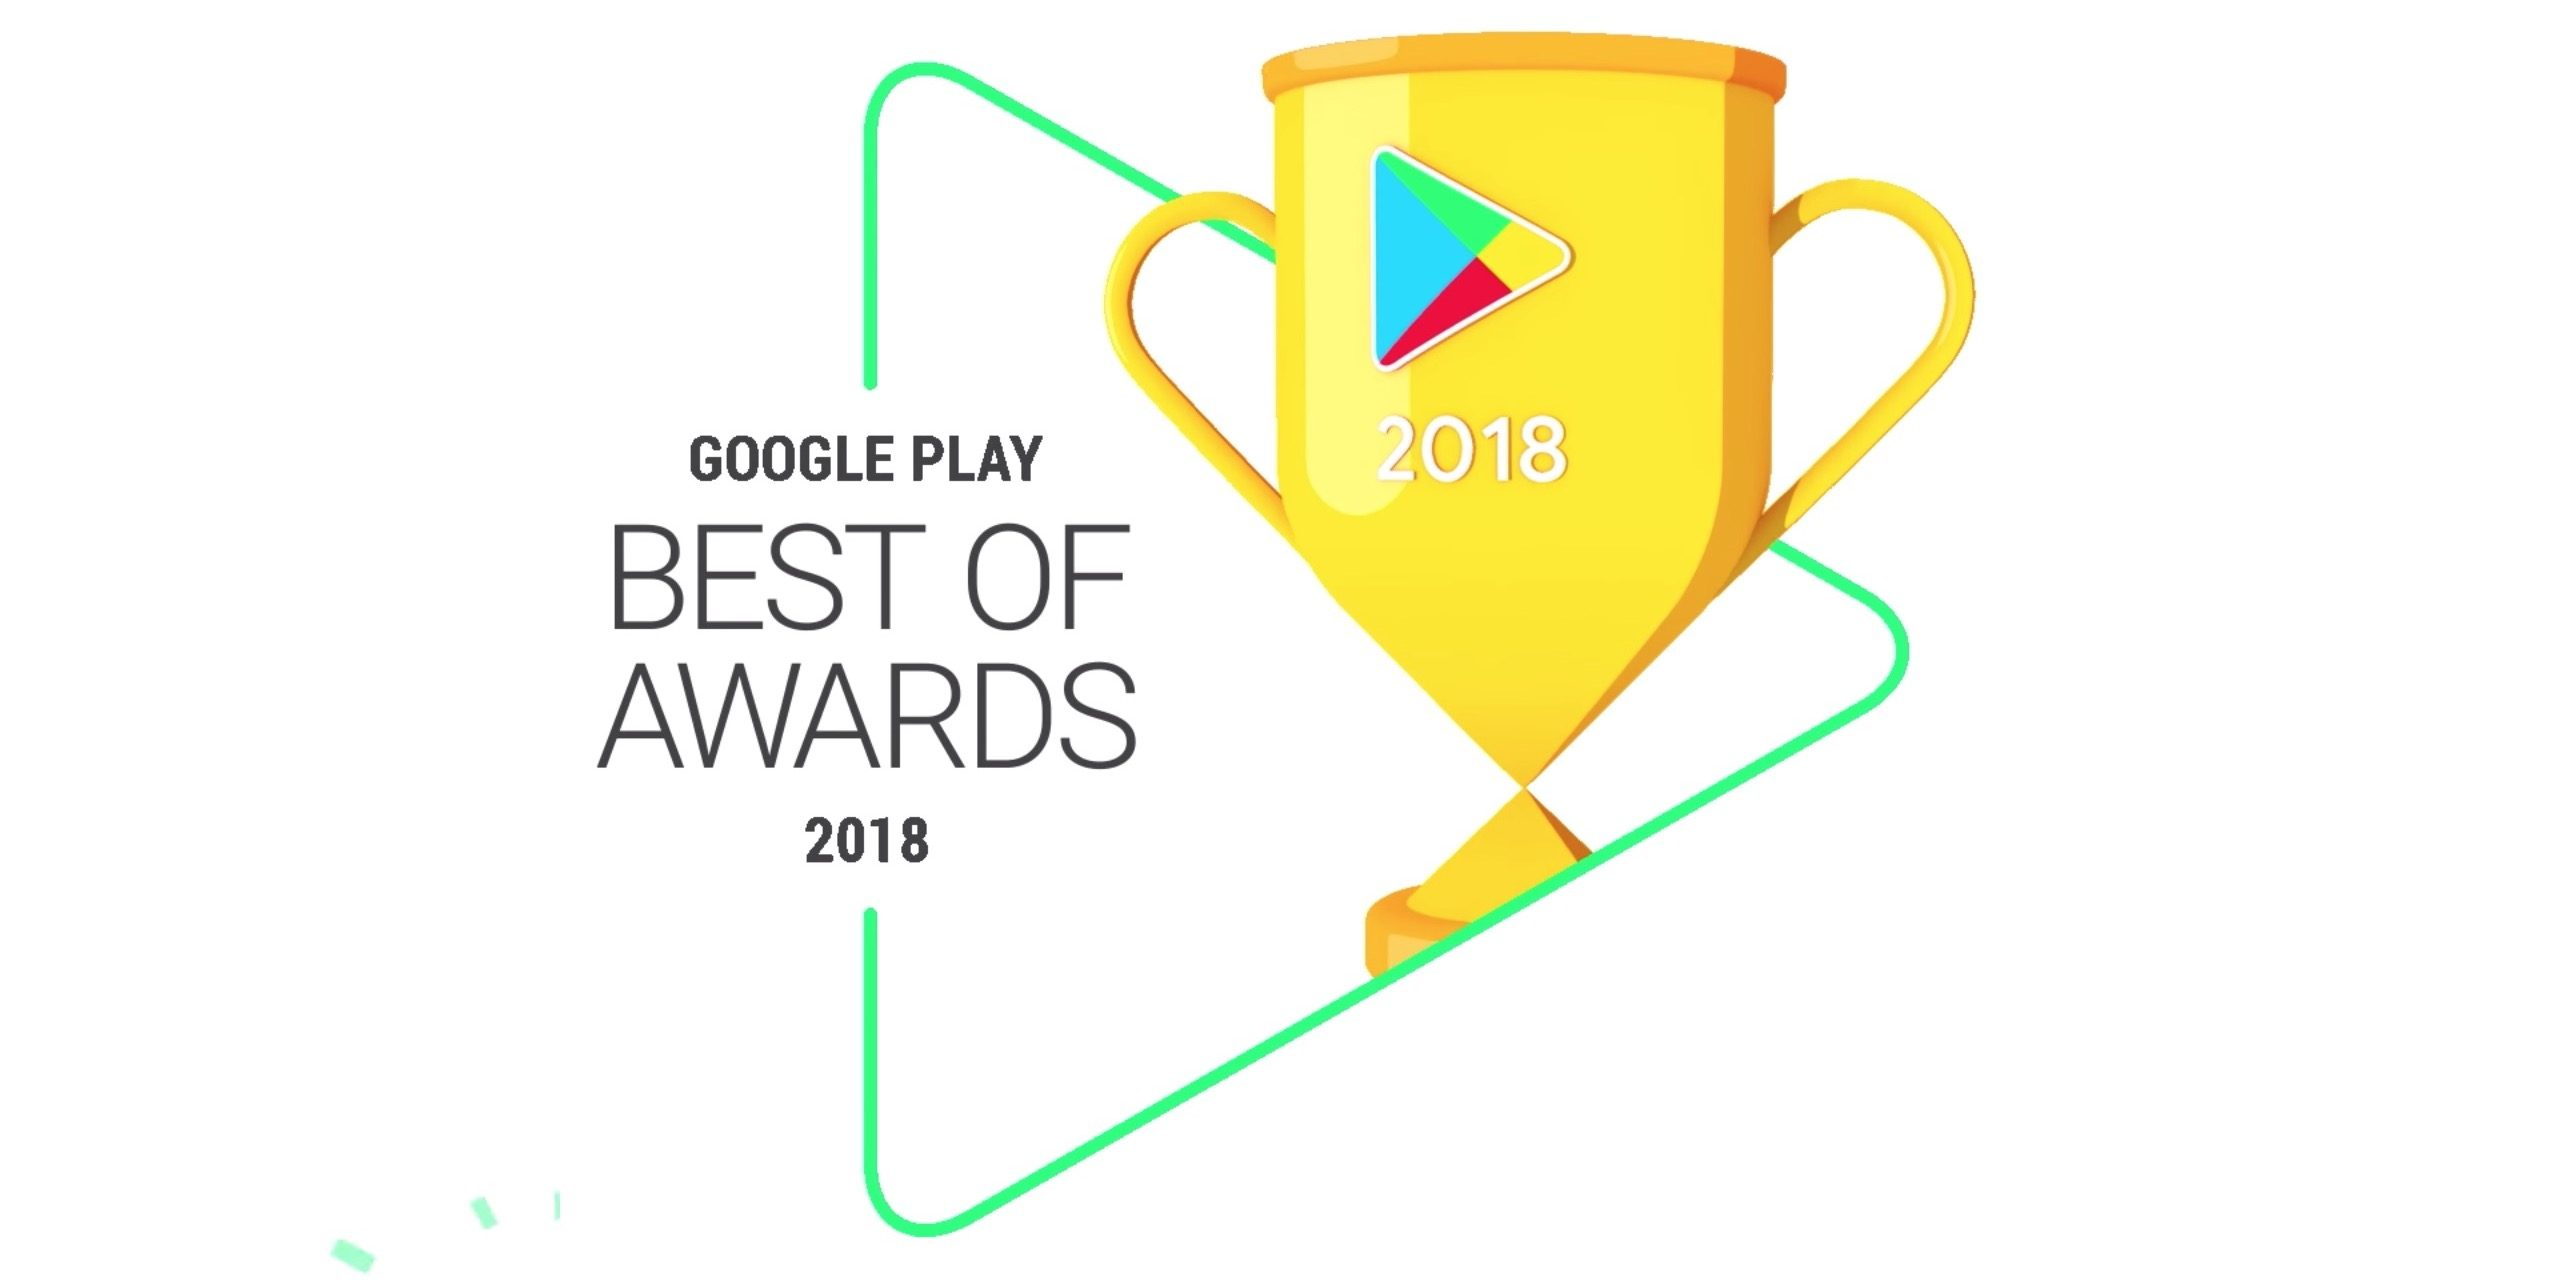 Google Play2018年度最佳榜单首次开放玩家票选